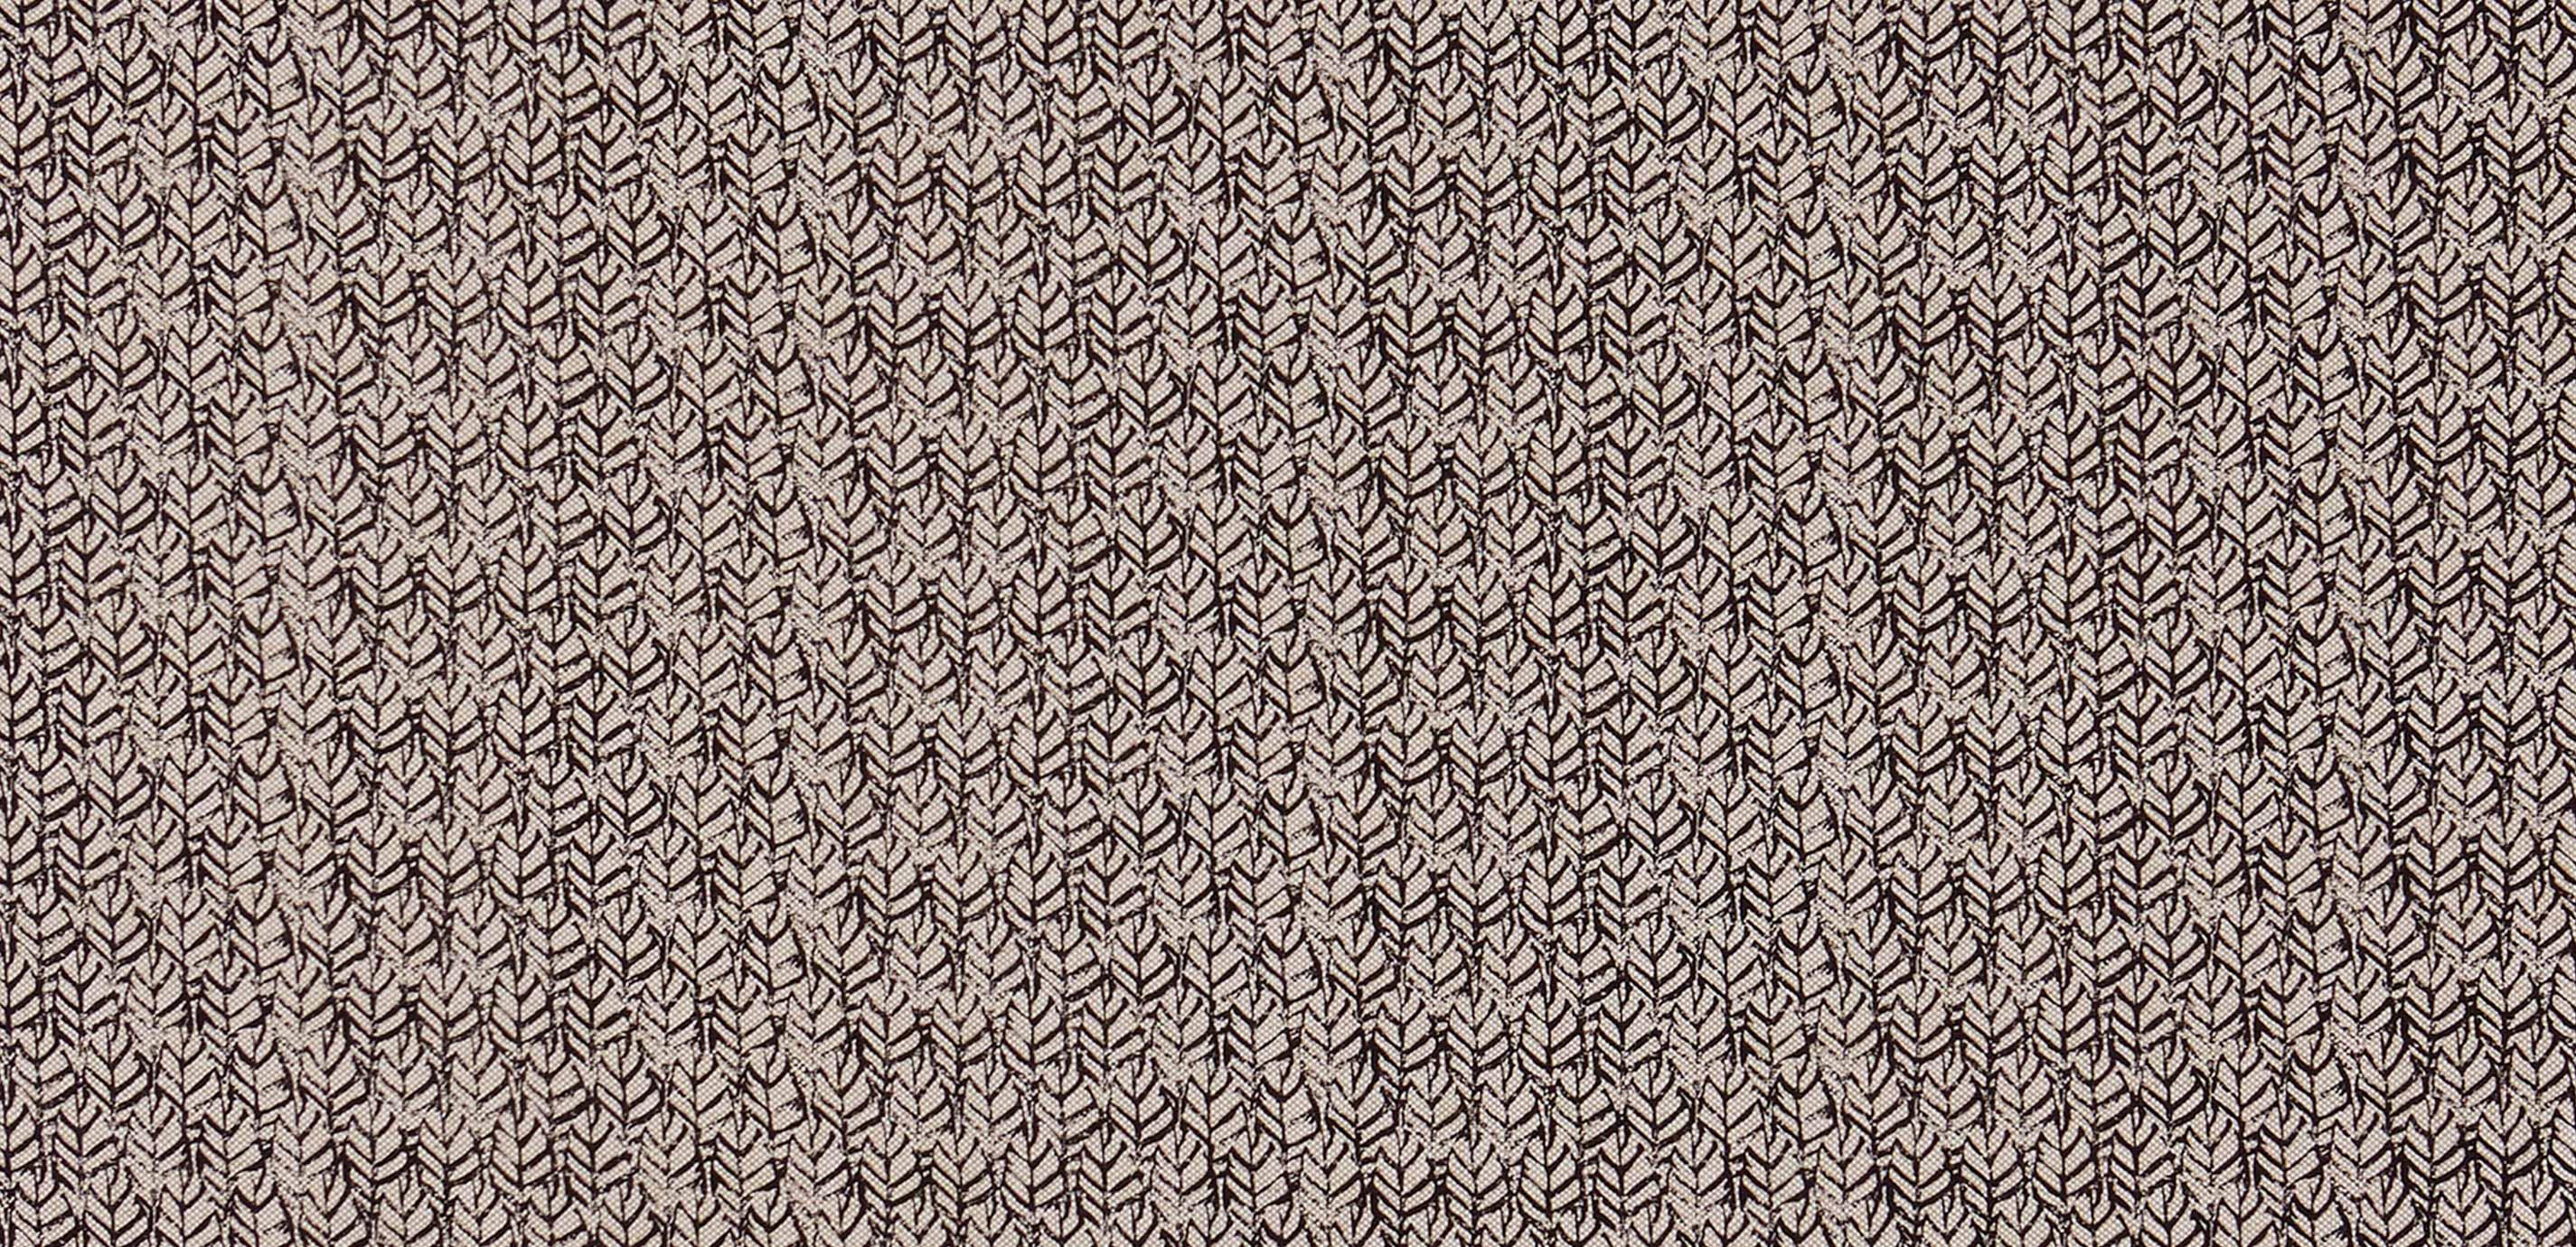 Canos Black Fabric Ethan Allen